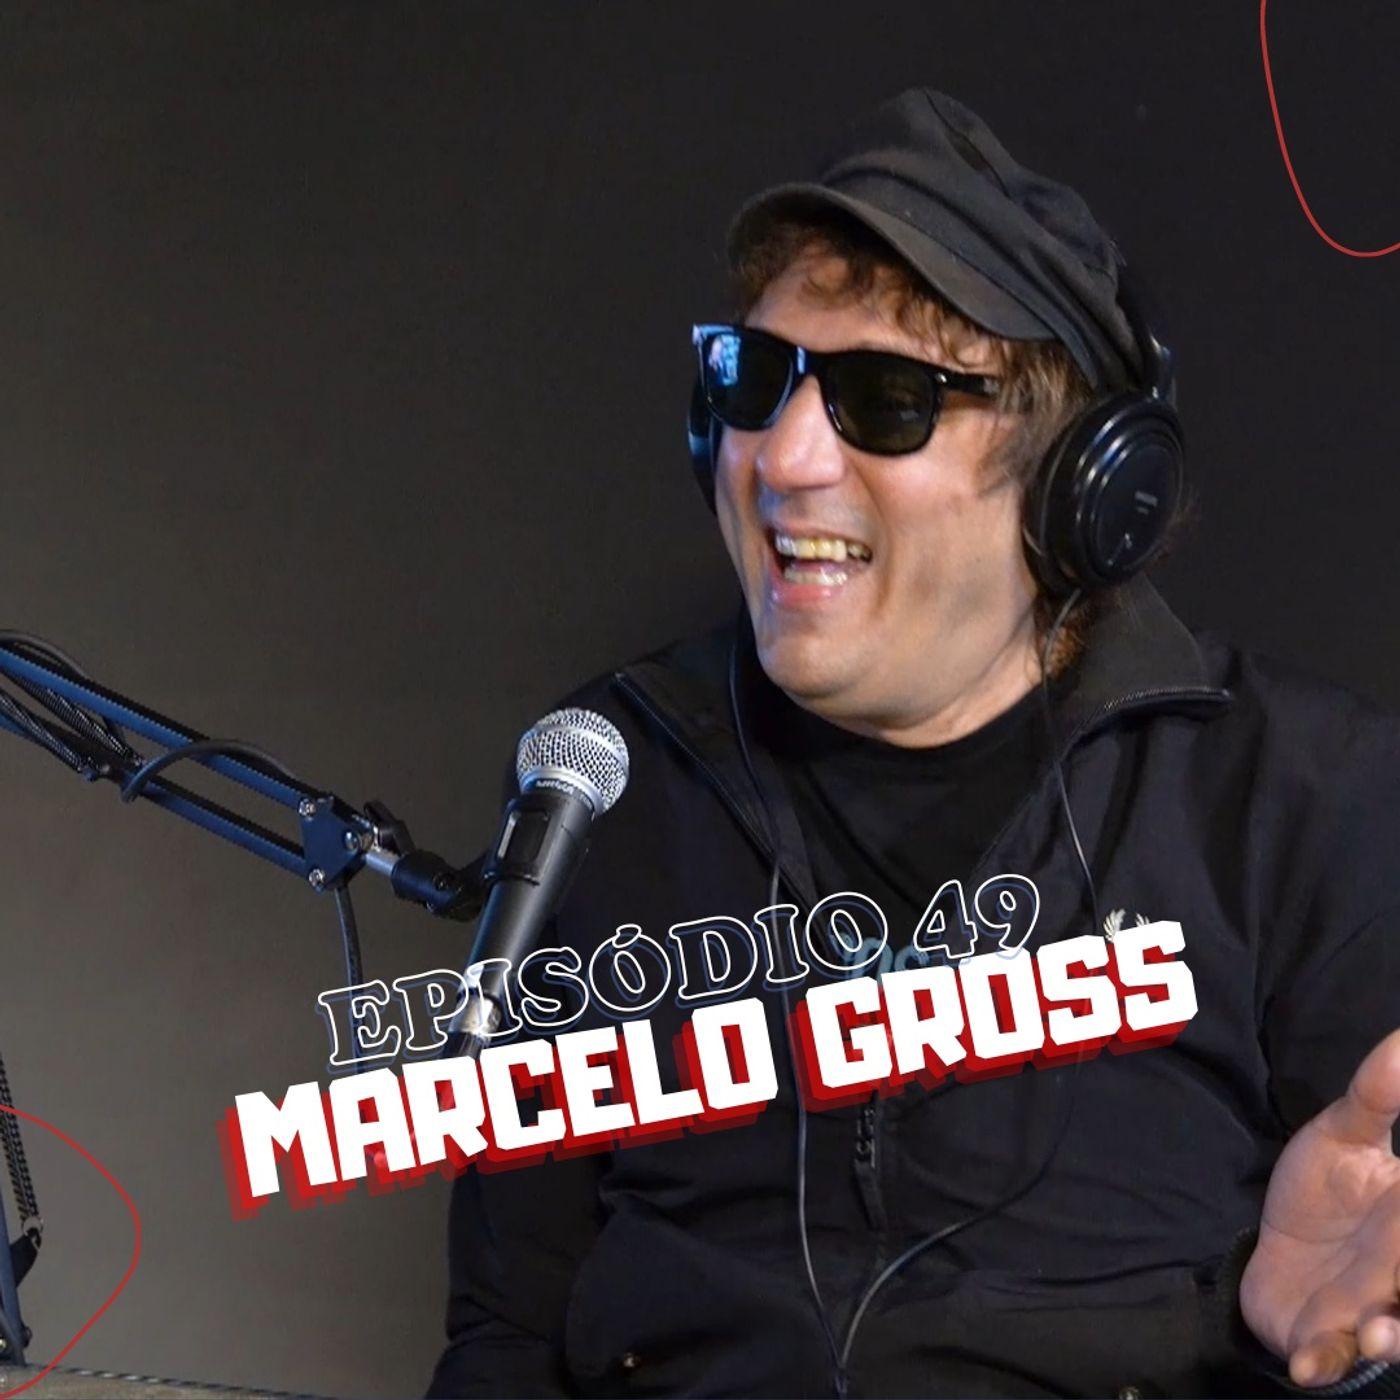 Episódio 49: Uma conversa com Marcelo Gross, ex Cachorro Grande.